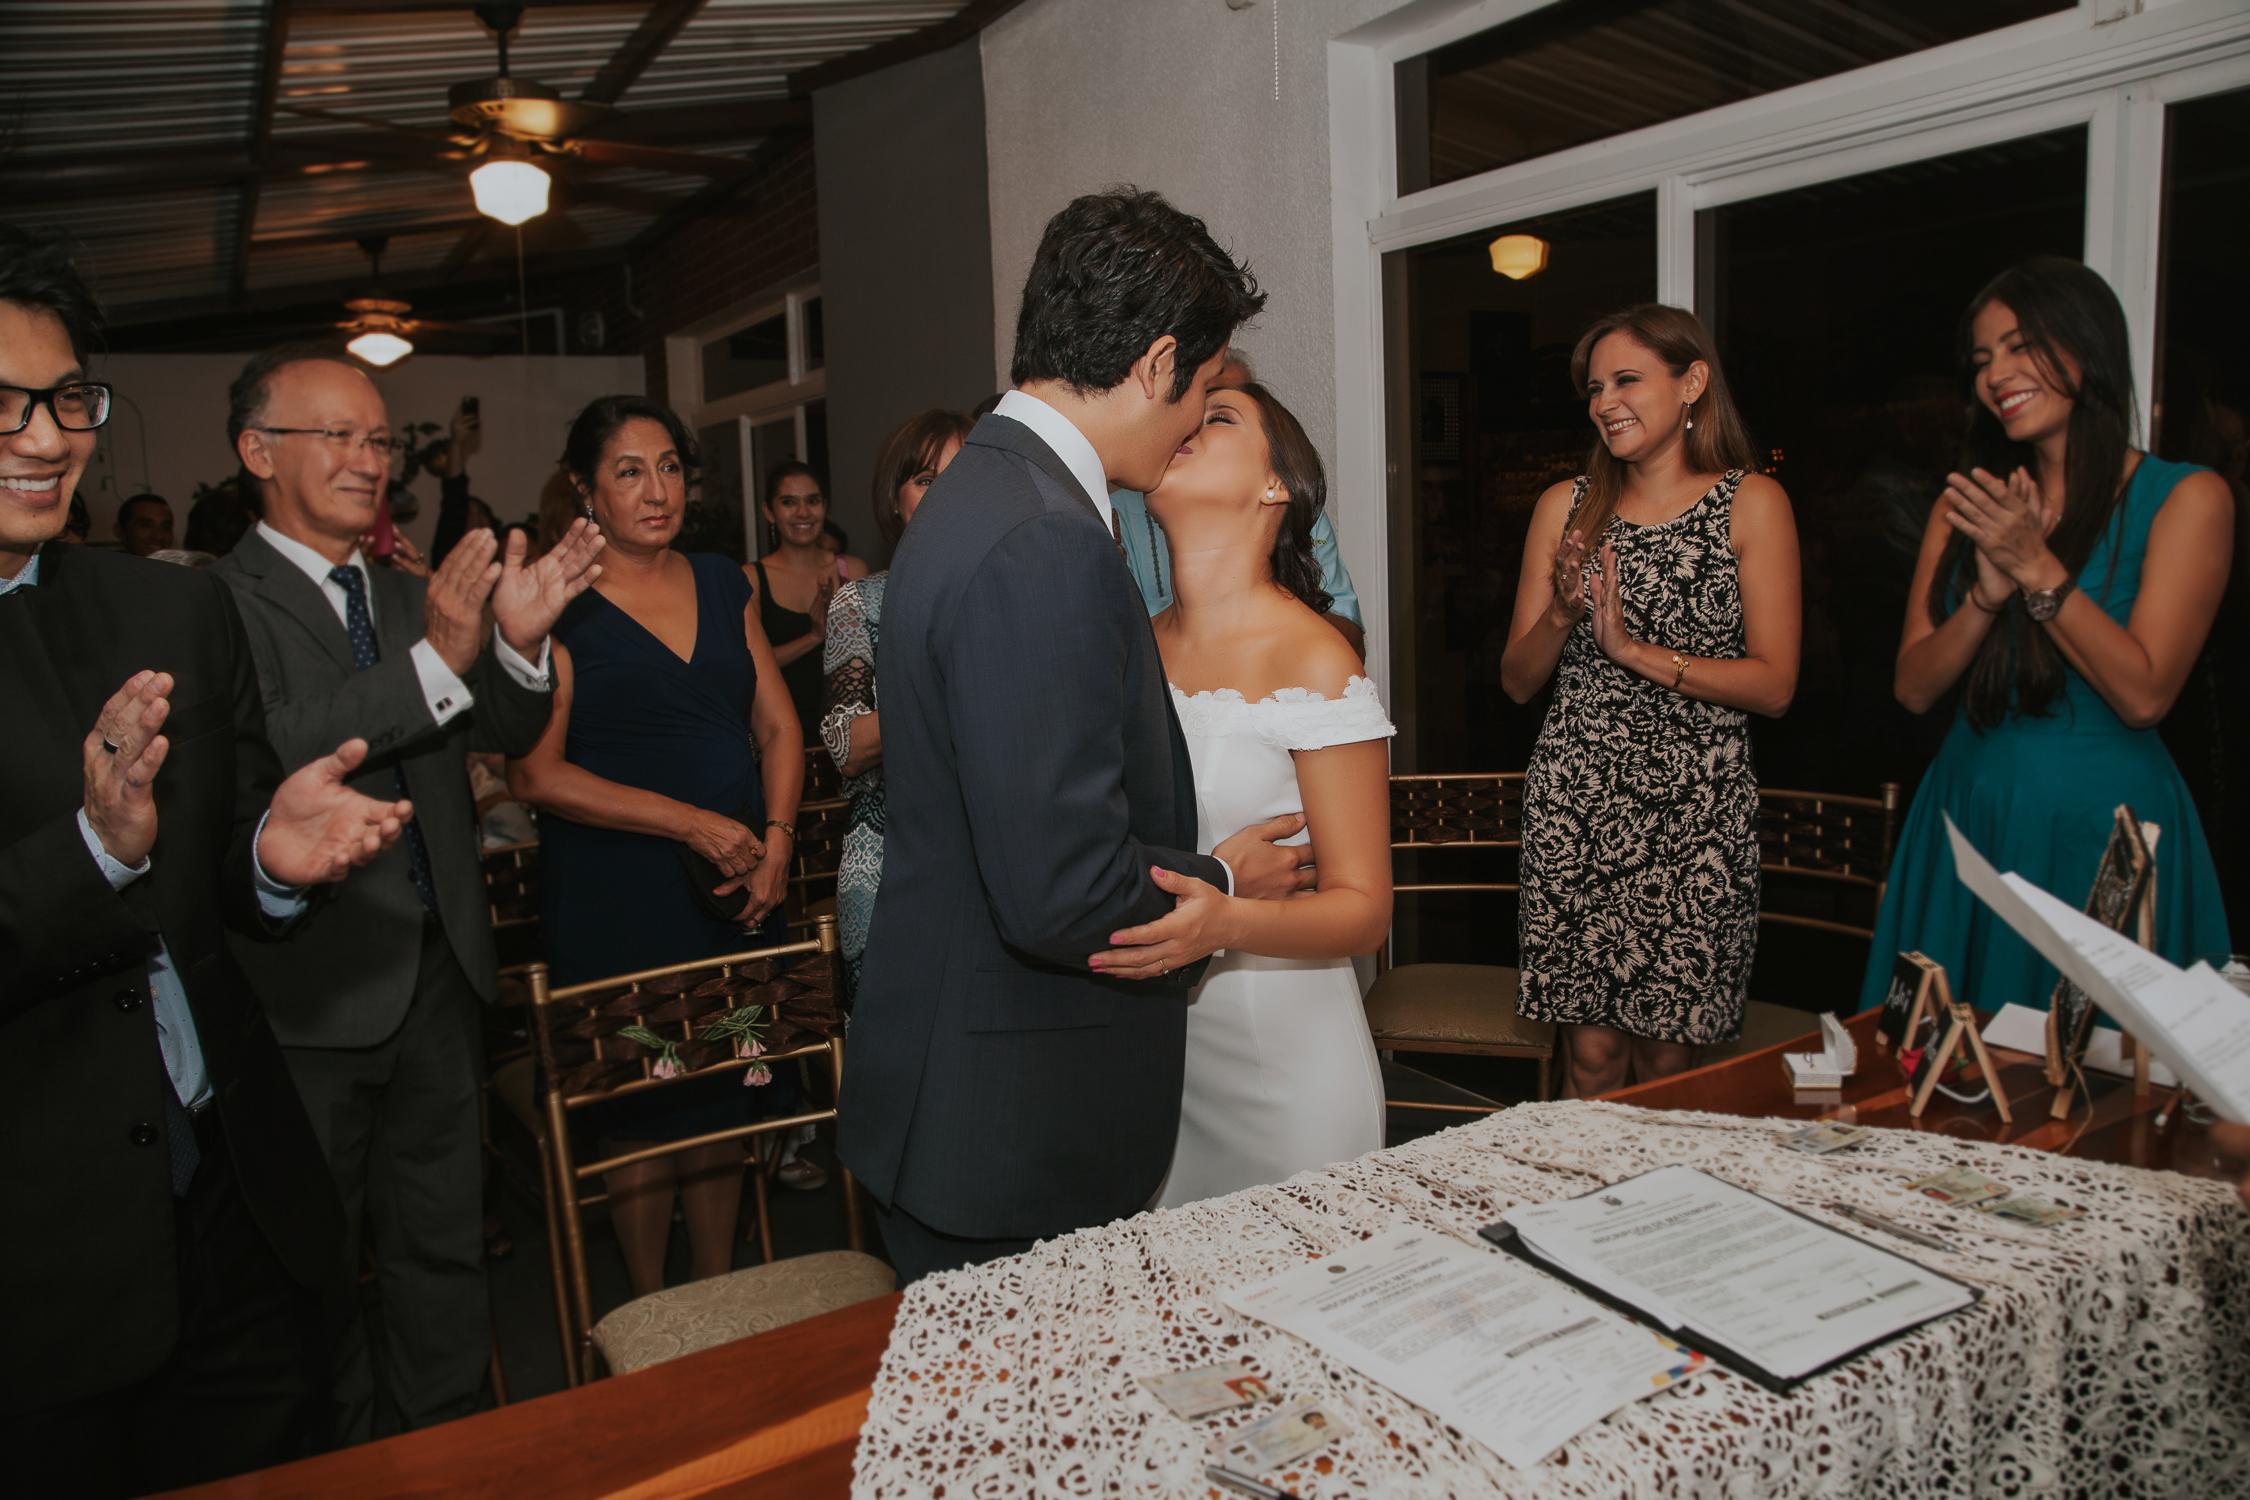 Michelle-Agurto-Fotografia-Bodas-Ecuador-Destination-Wedding-Photographer-Adriana-Allan-17.JPG